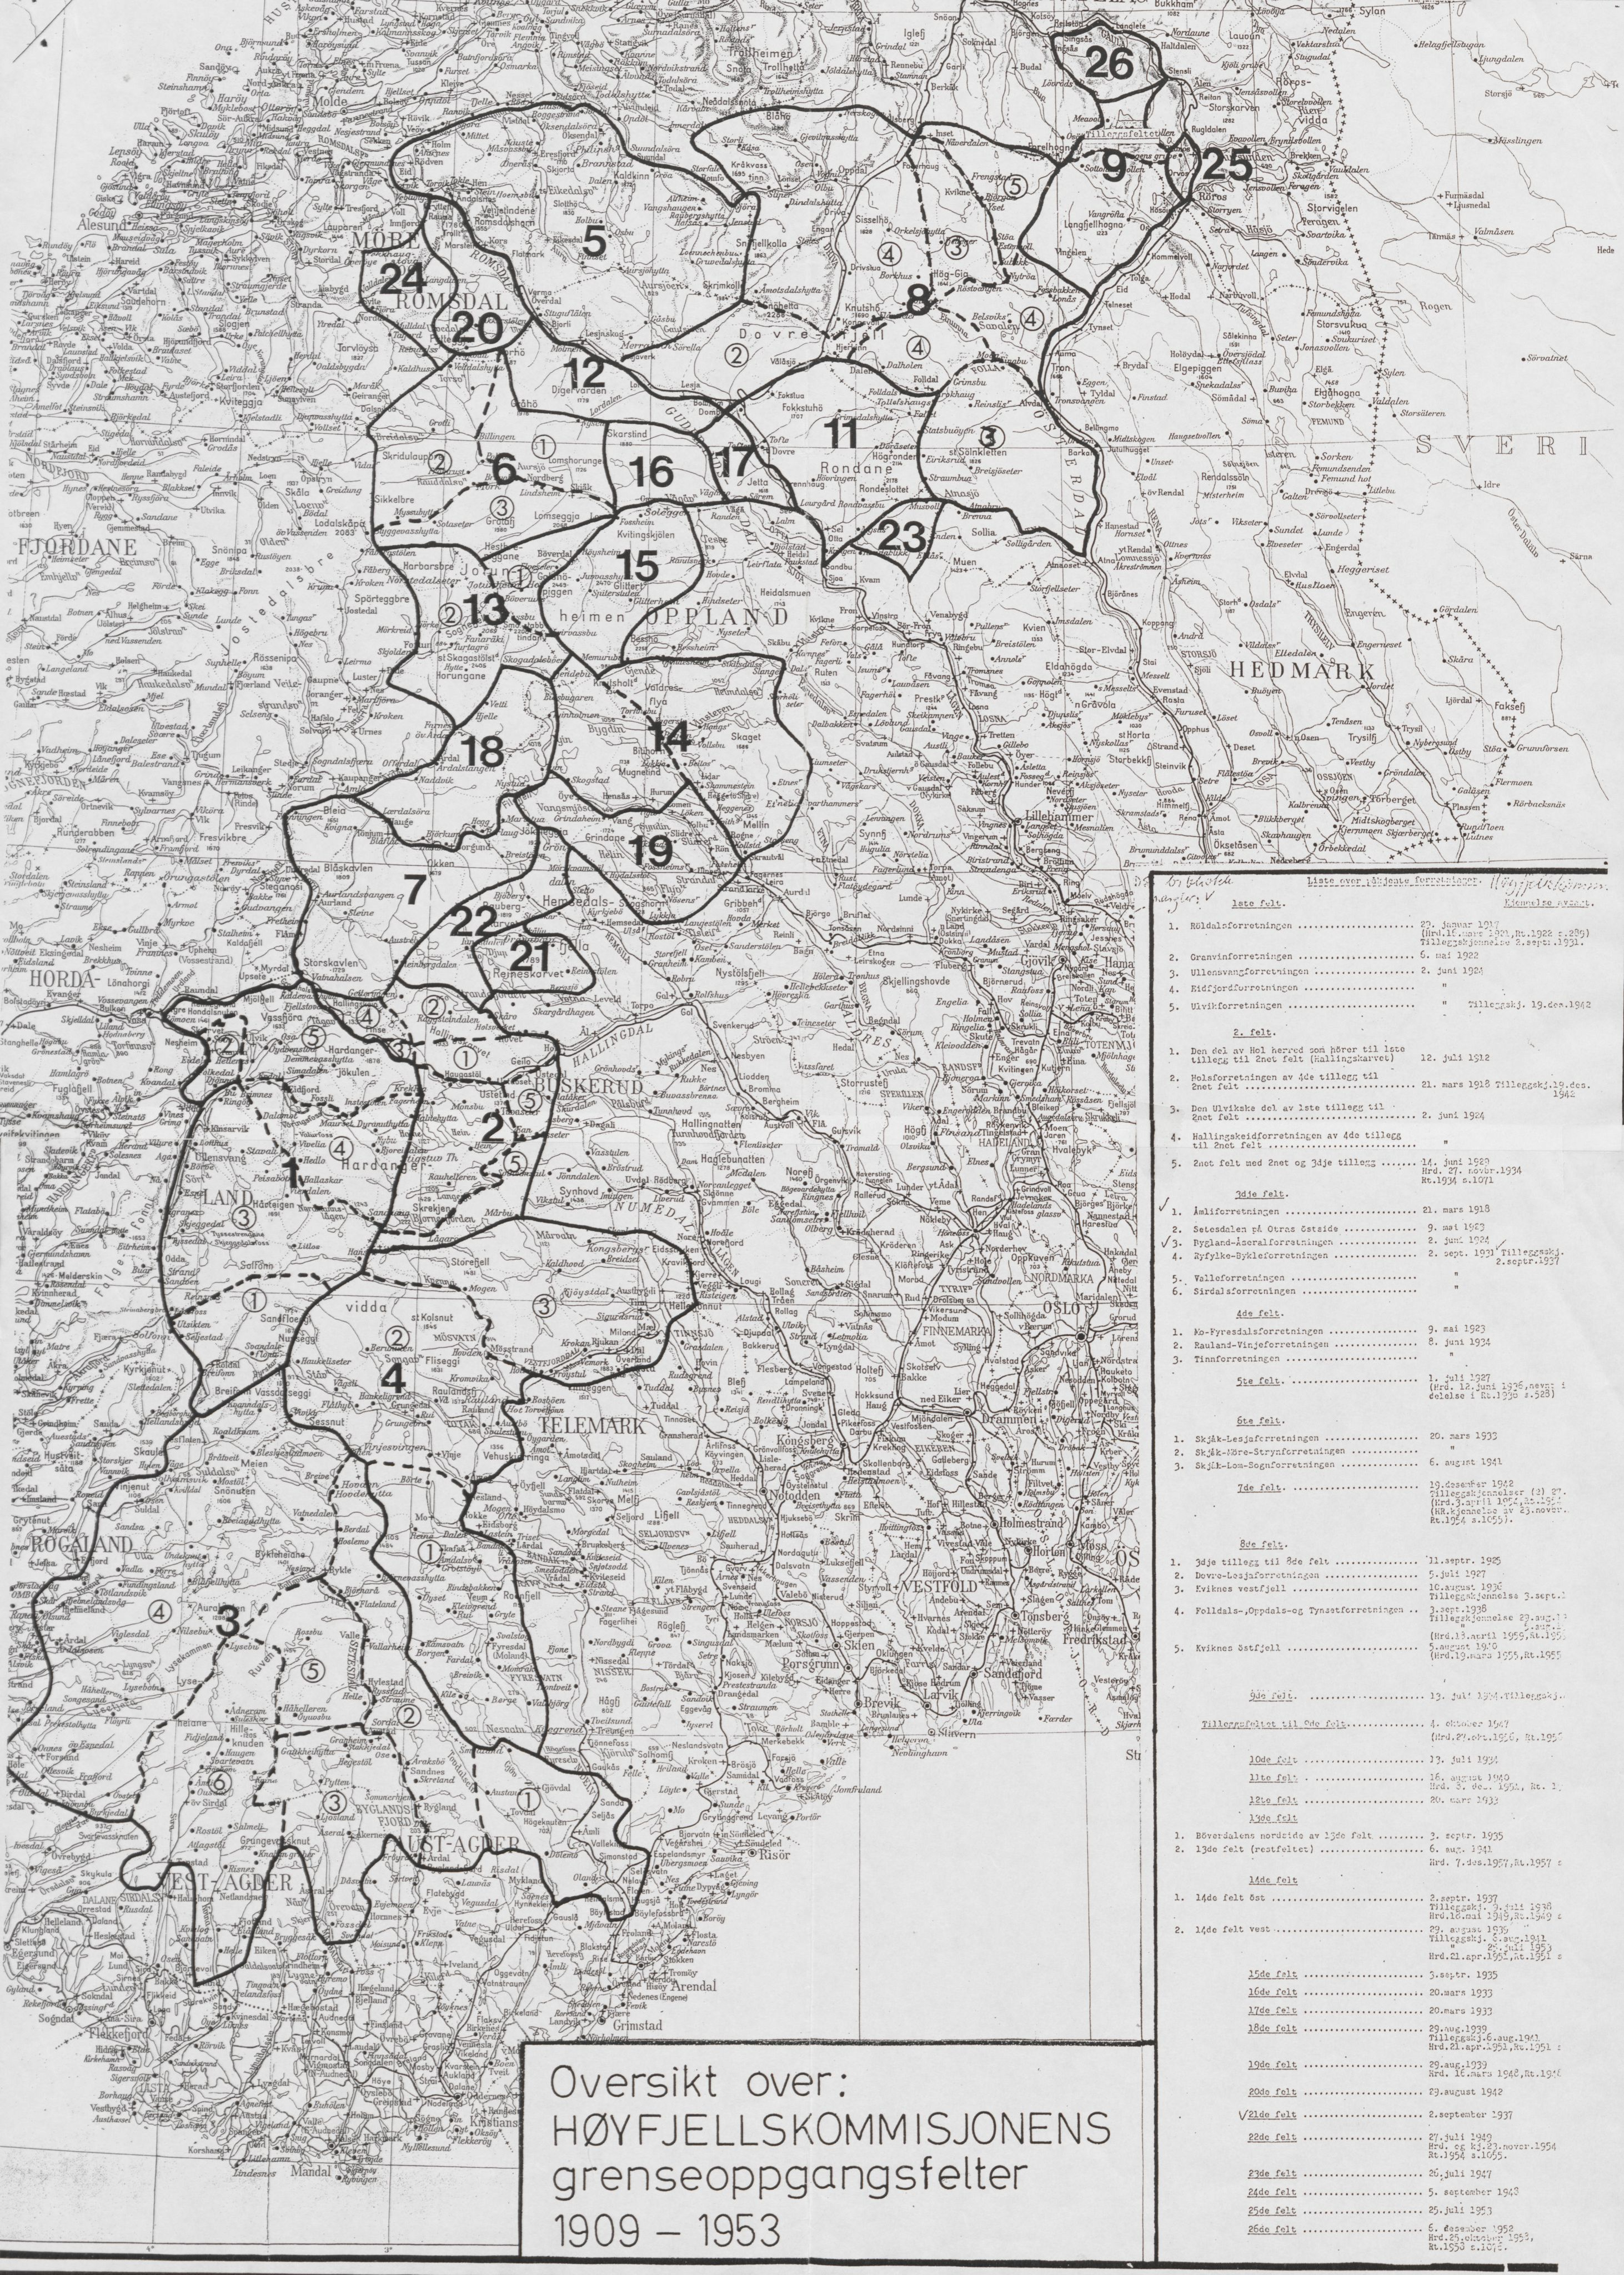 RA, Høyfjellskommisjonen, X/Xa/L0001: Nr. 1-33, 1909-1953, s. 1